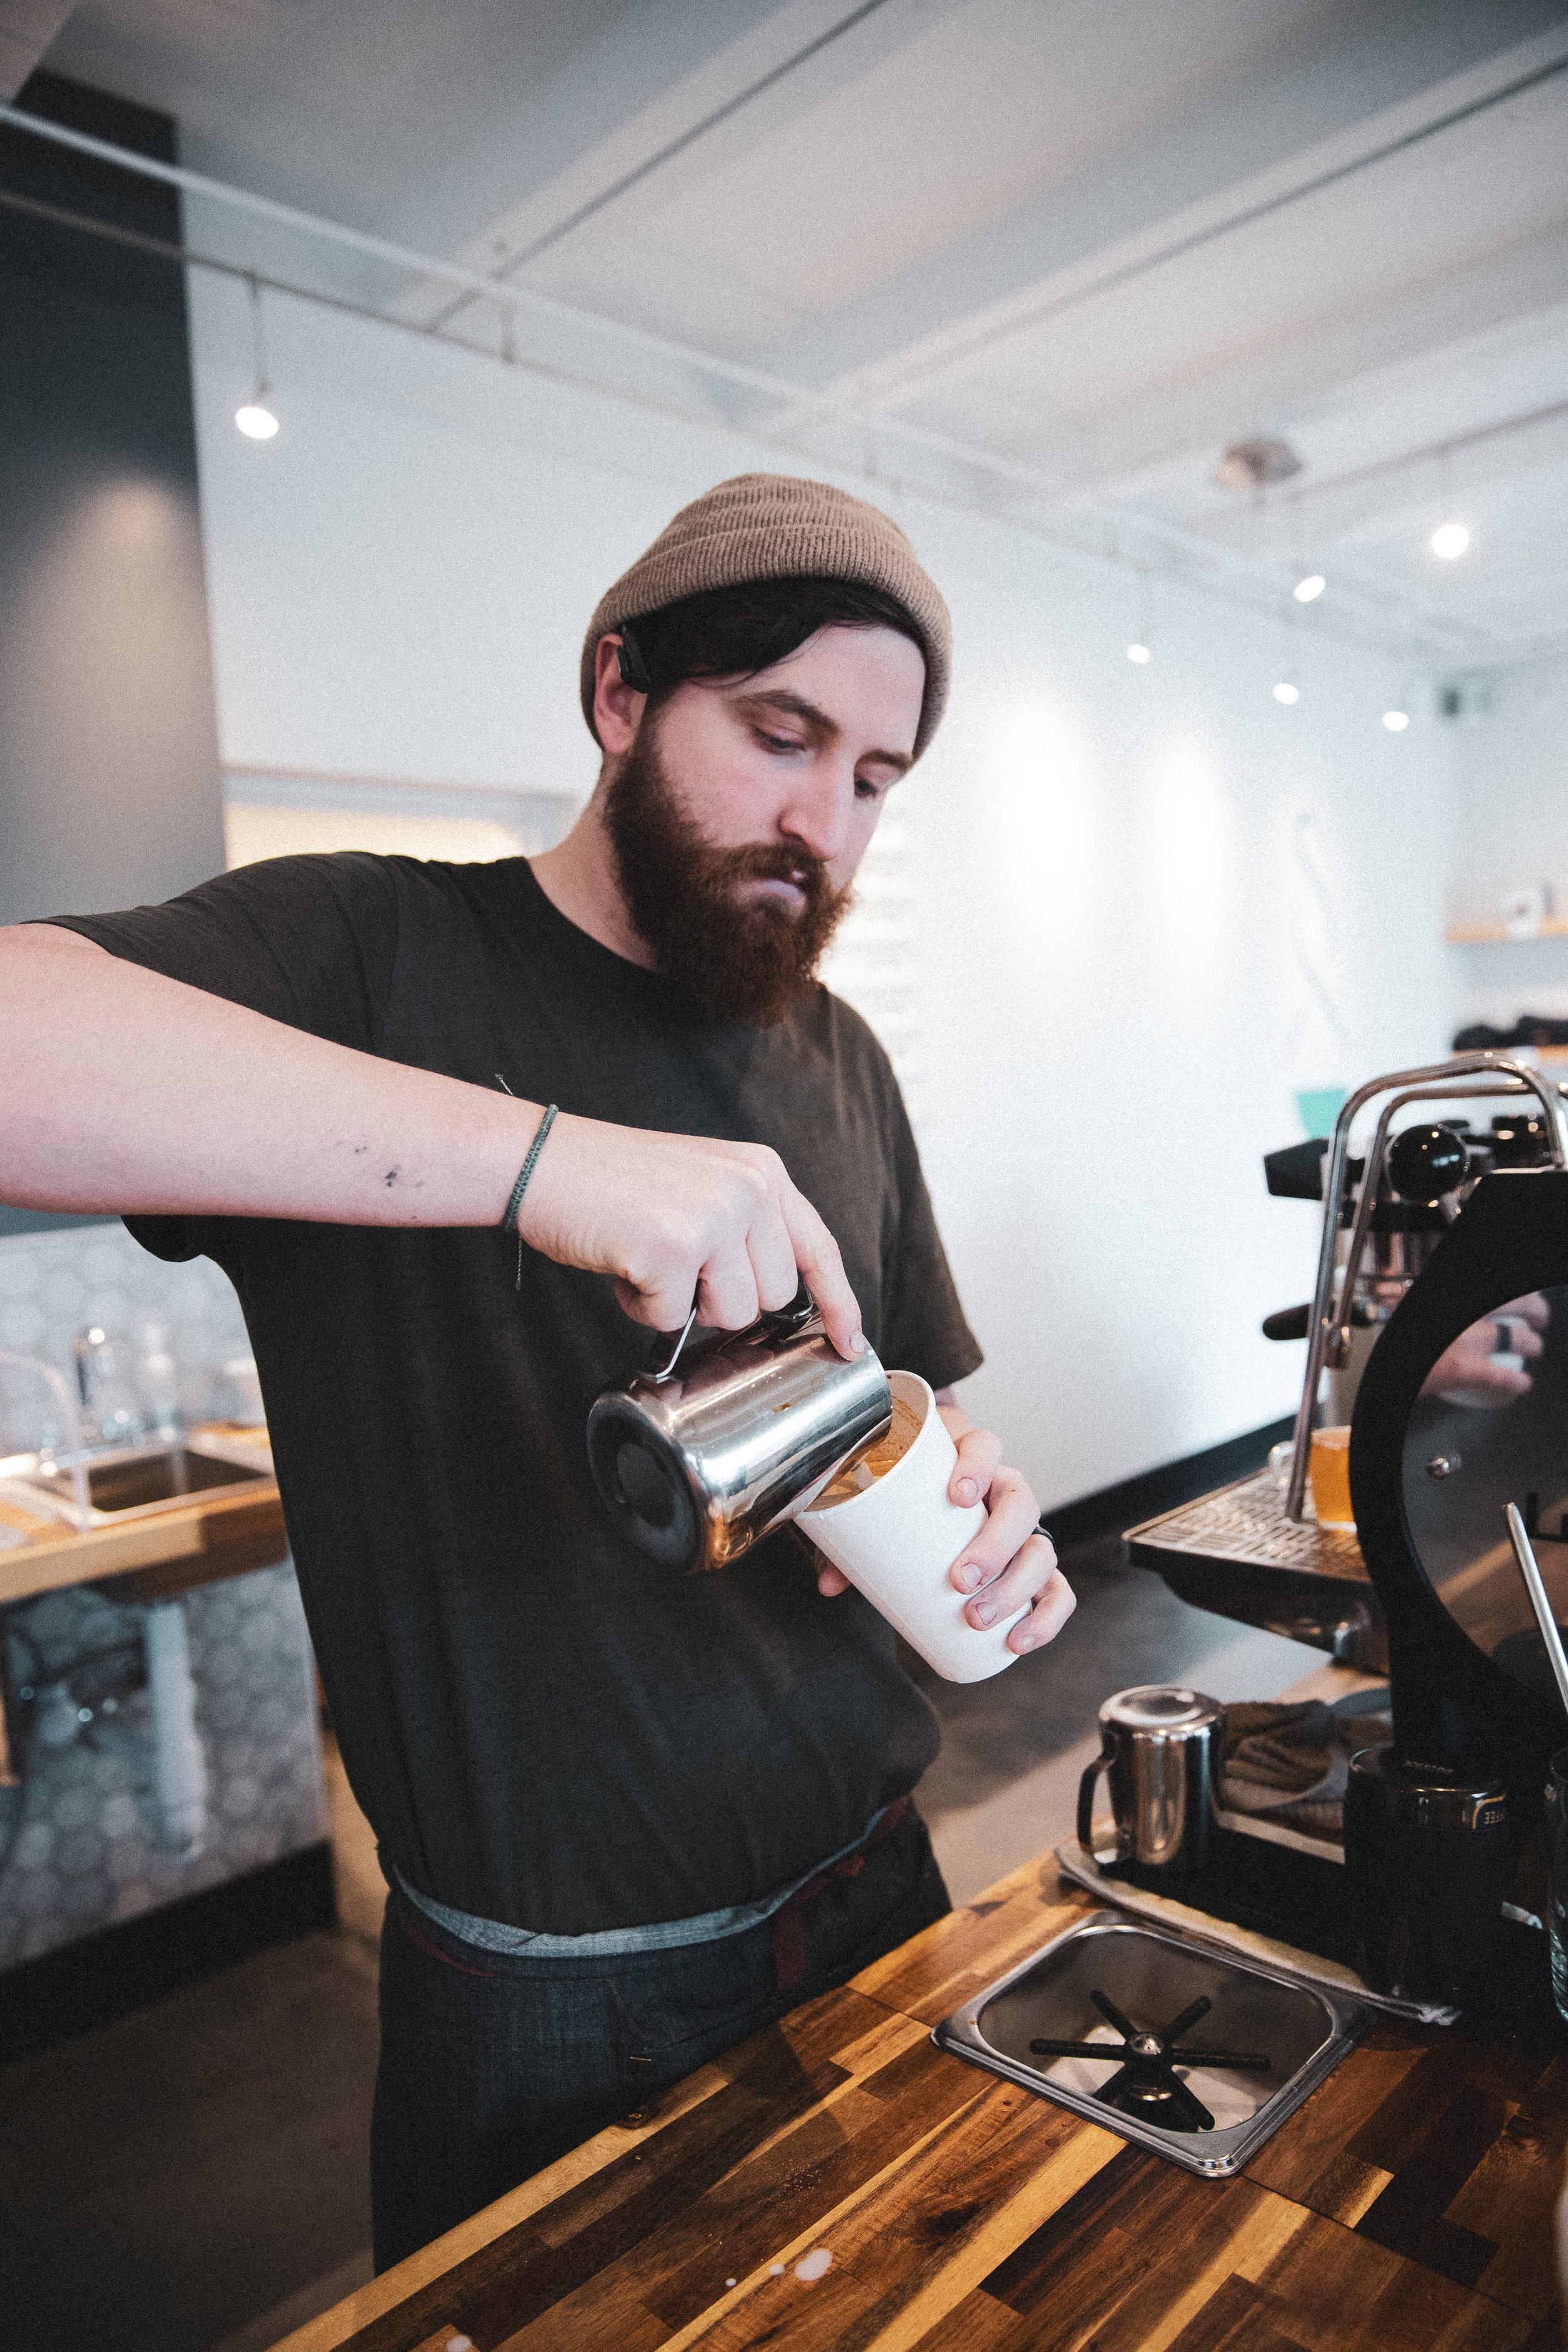 coffeeshop-photography-9I0591.jpg